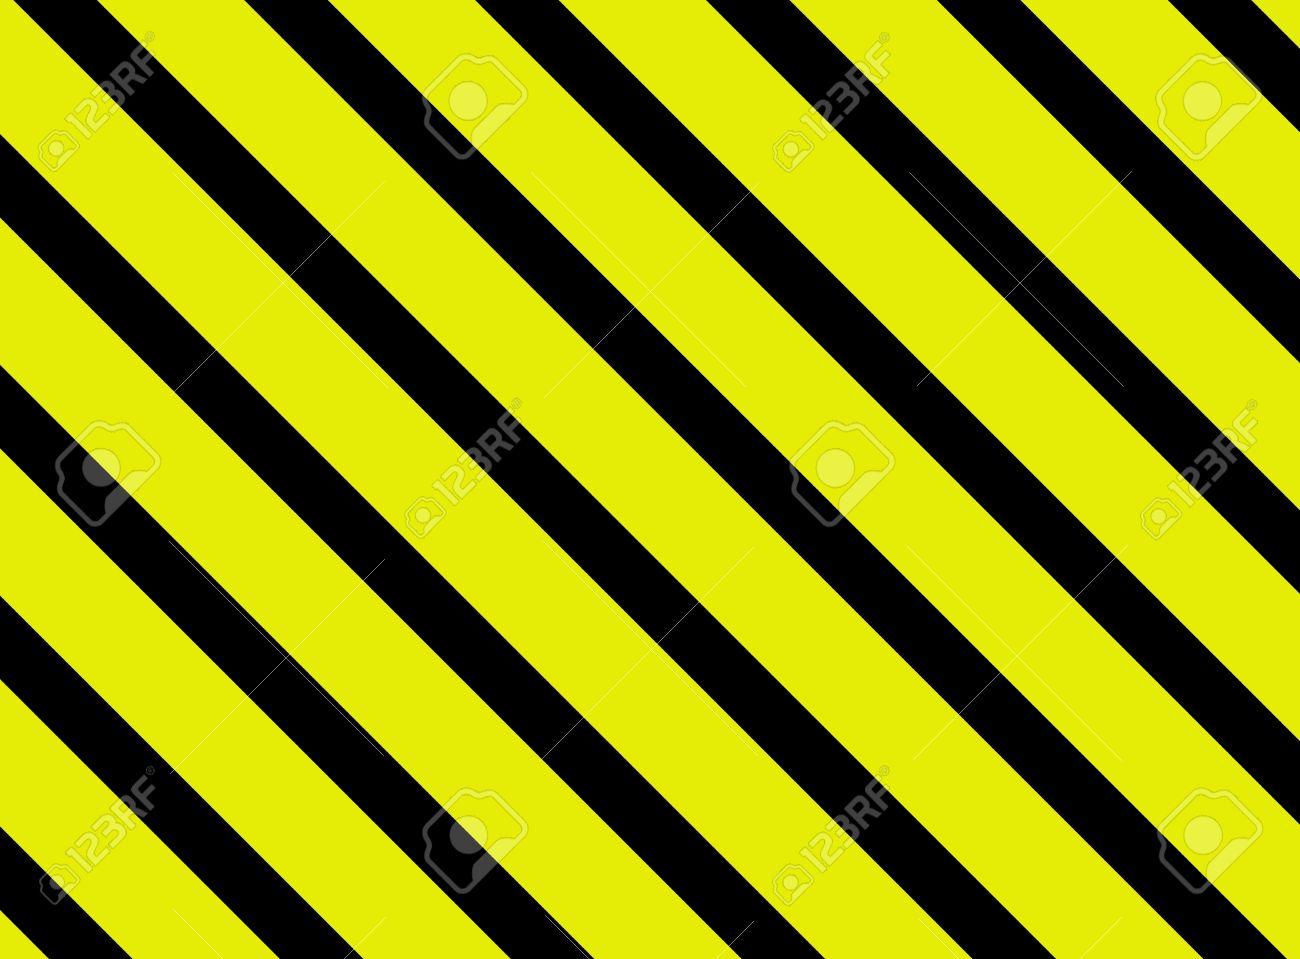 Fond D Ecran Avec Des Rayures Diagonales Jaune De Noir Banque D Images Et Photos Libres De Droits Image 43669772